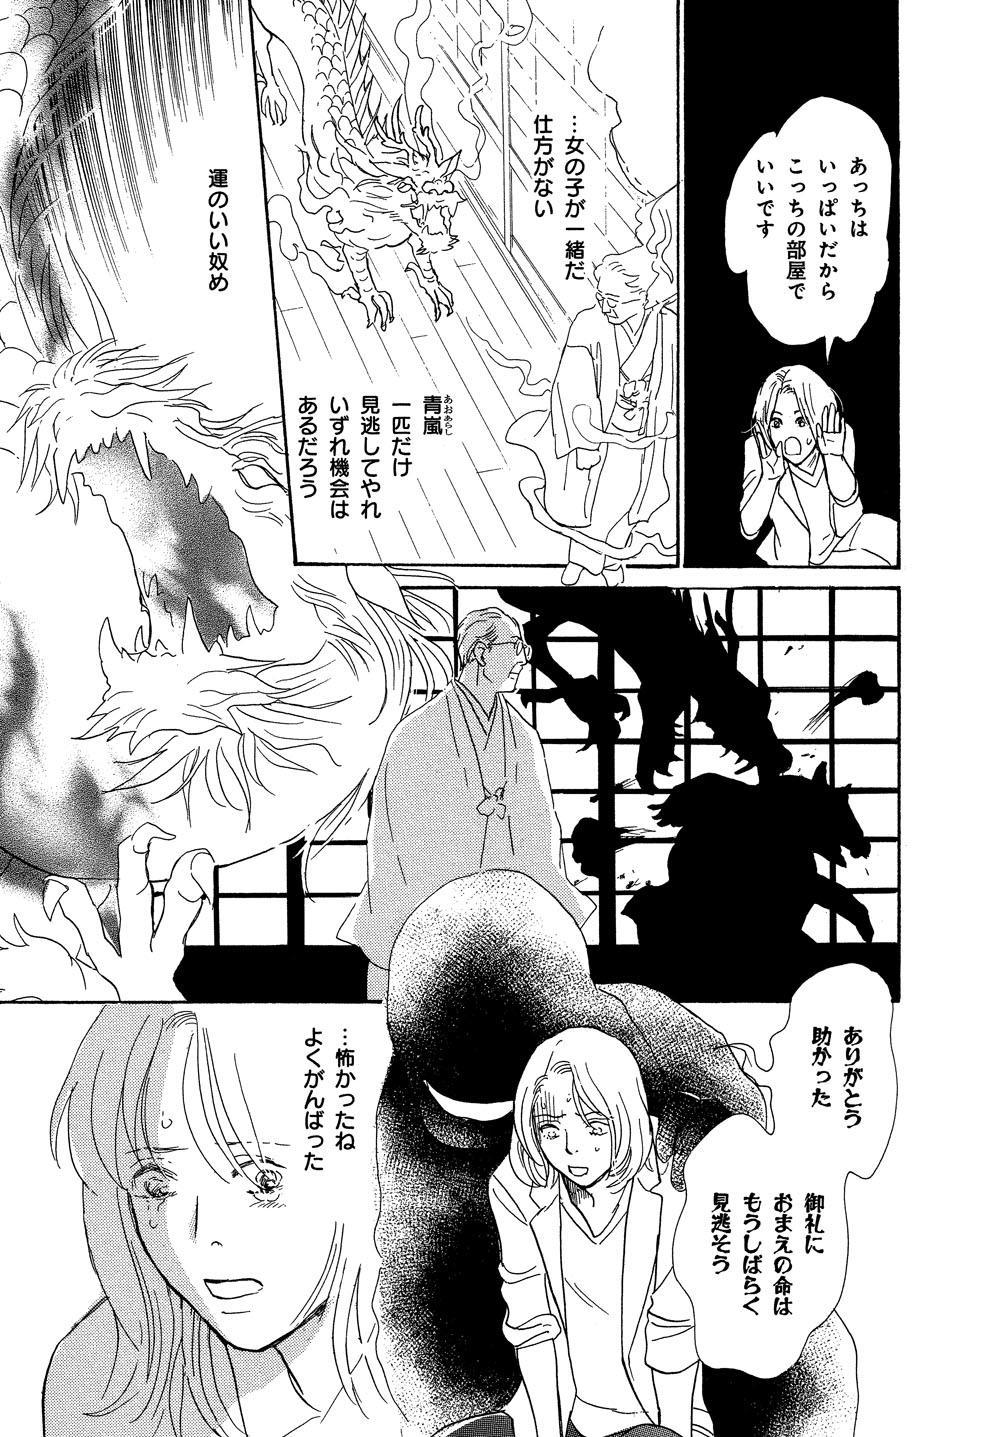 hyakki_0020_0047.jpg